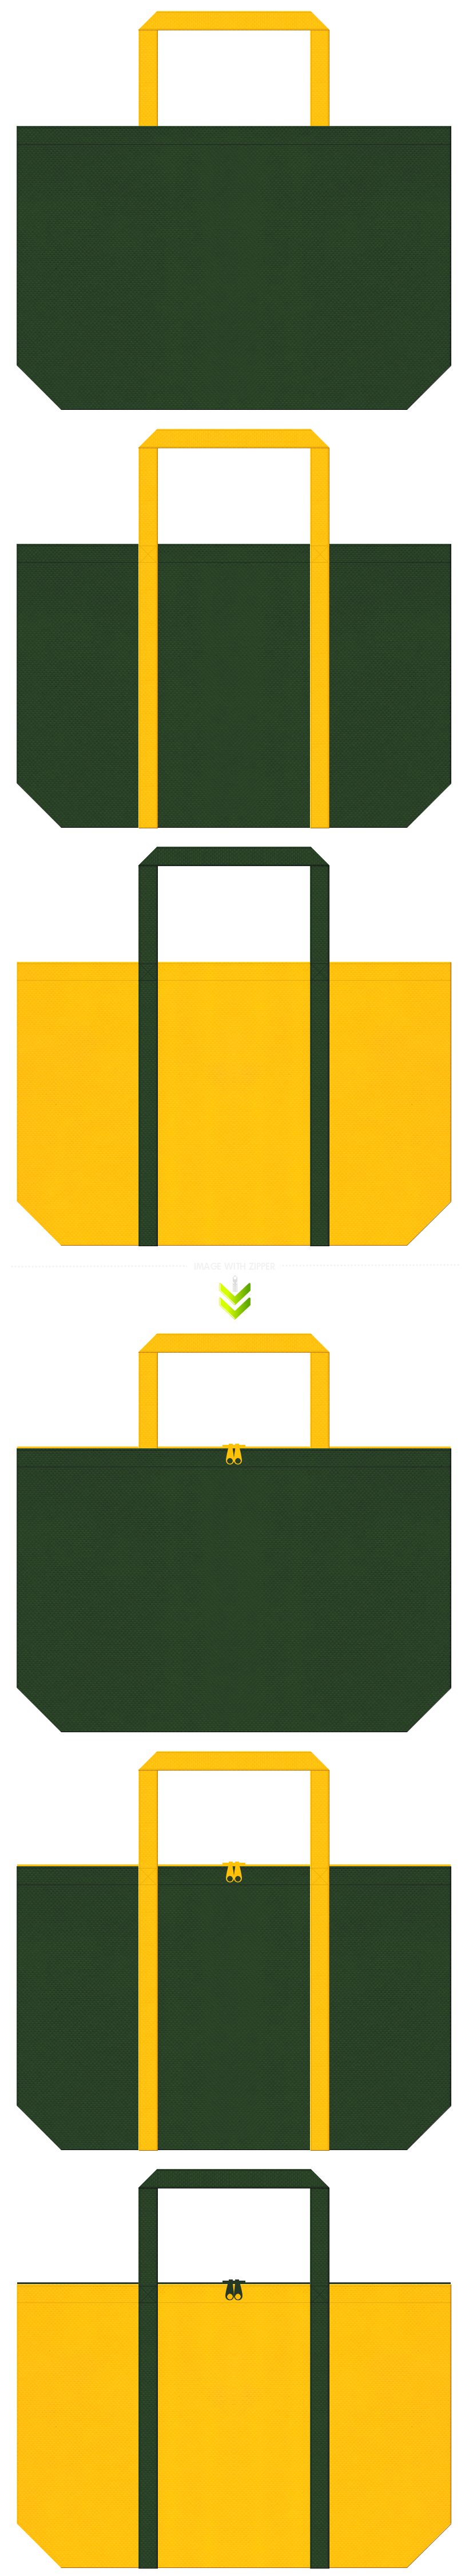 パイナップル・かぼちゃ・保安・電気工事・安全用品・ランタン・登山・アウトドア・キャンプ用品のショッピングバッグにお奨めの不織布バッグデザイン:濃緑色・深緑色と黄色のコーデ